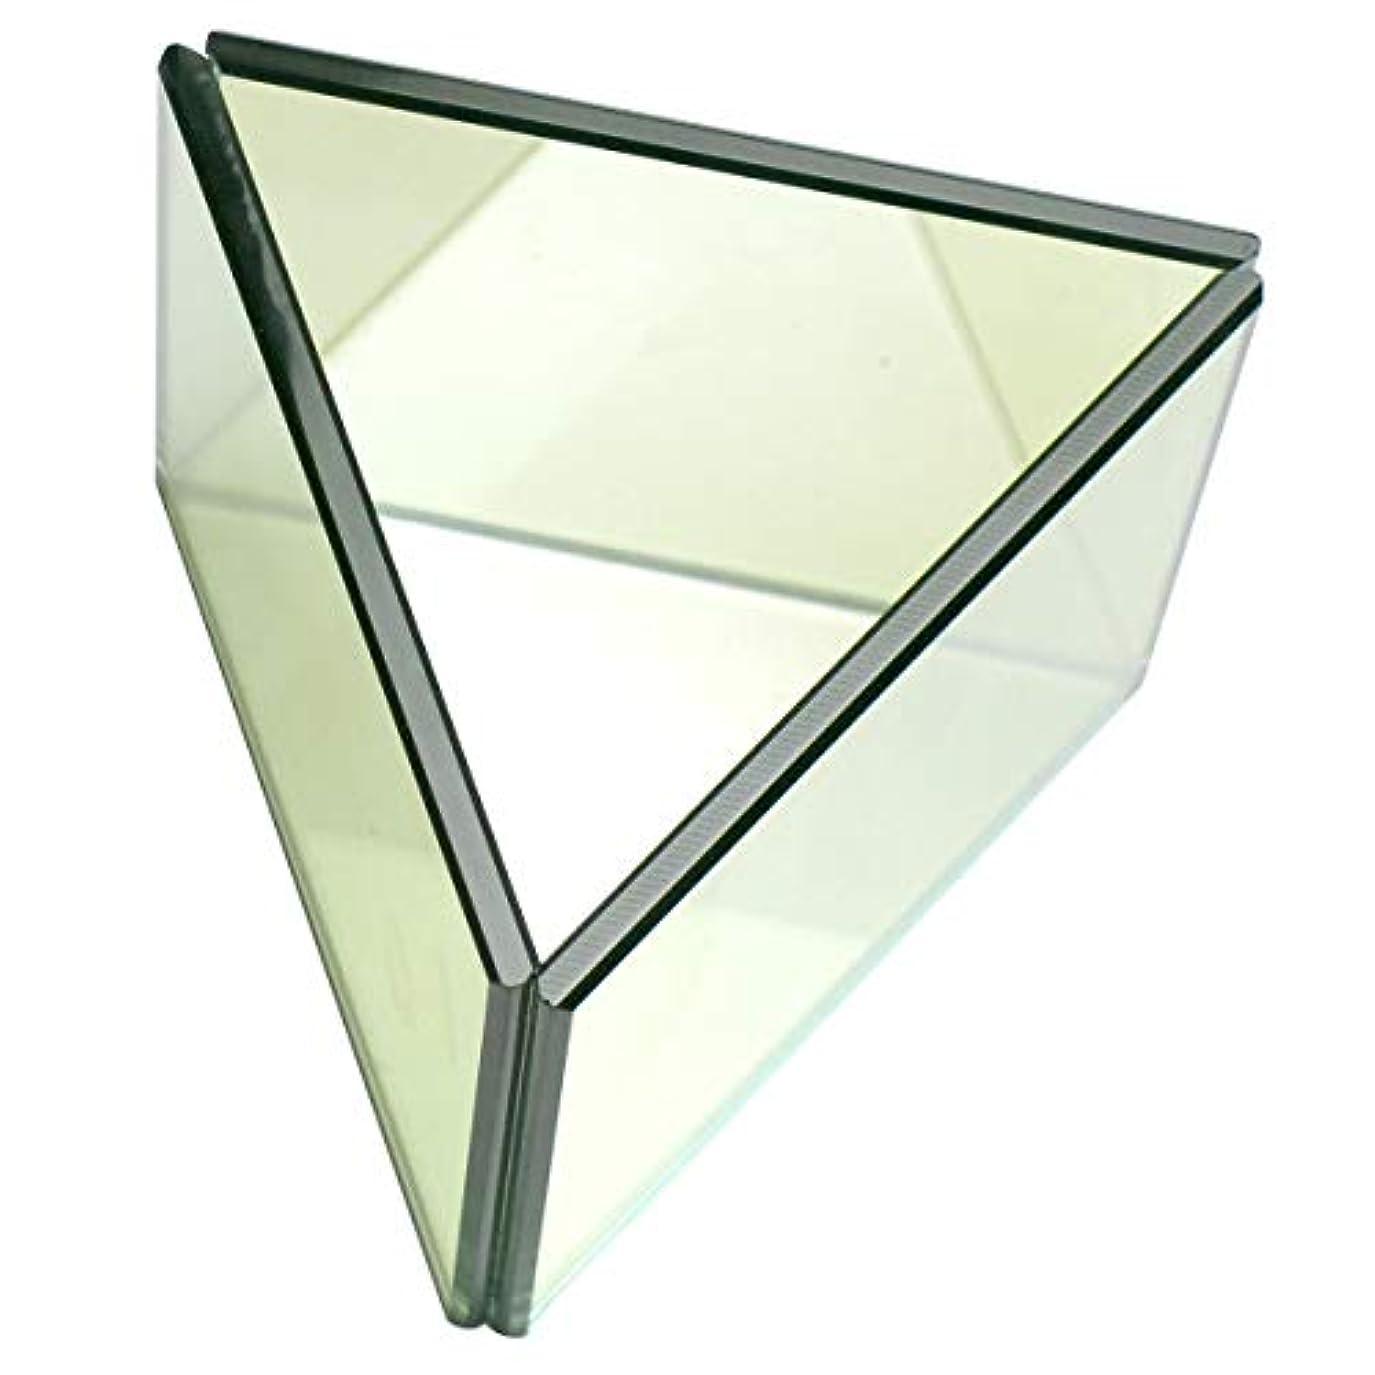 何でも時々時々奇妙な無限連鎖キャンドルホルダー トライアングル ガラス キャンドルスタンド ランタン 誕生日 ティーライトキャンドル